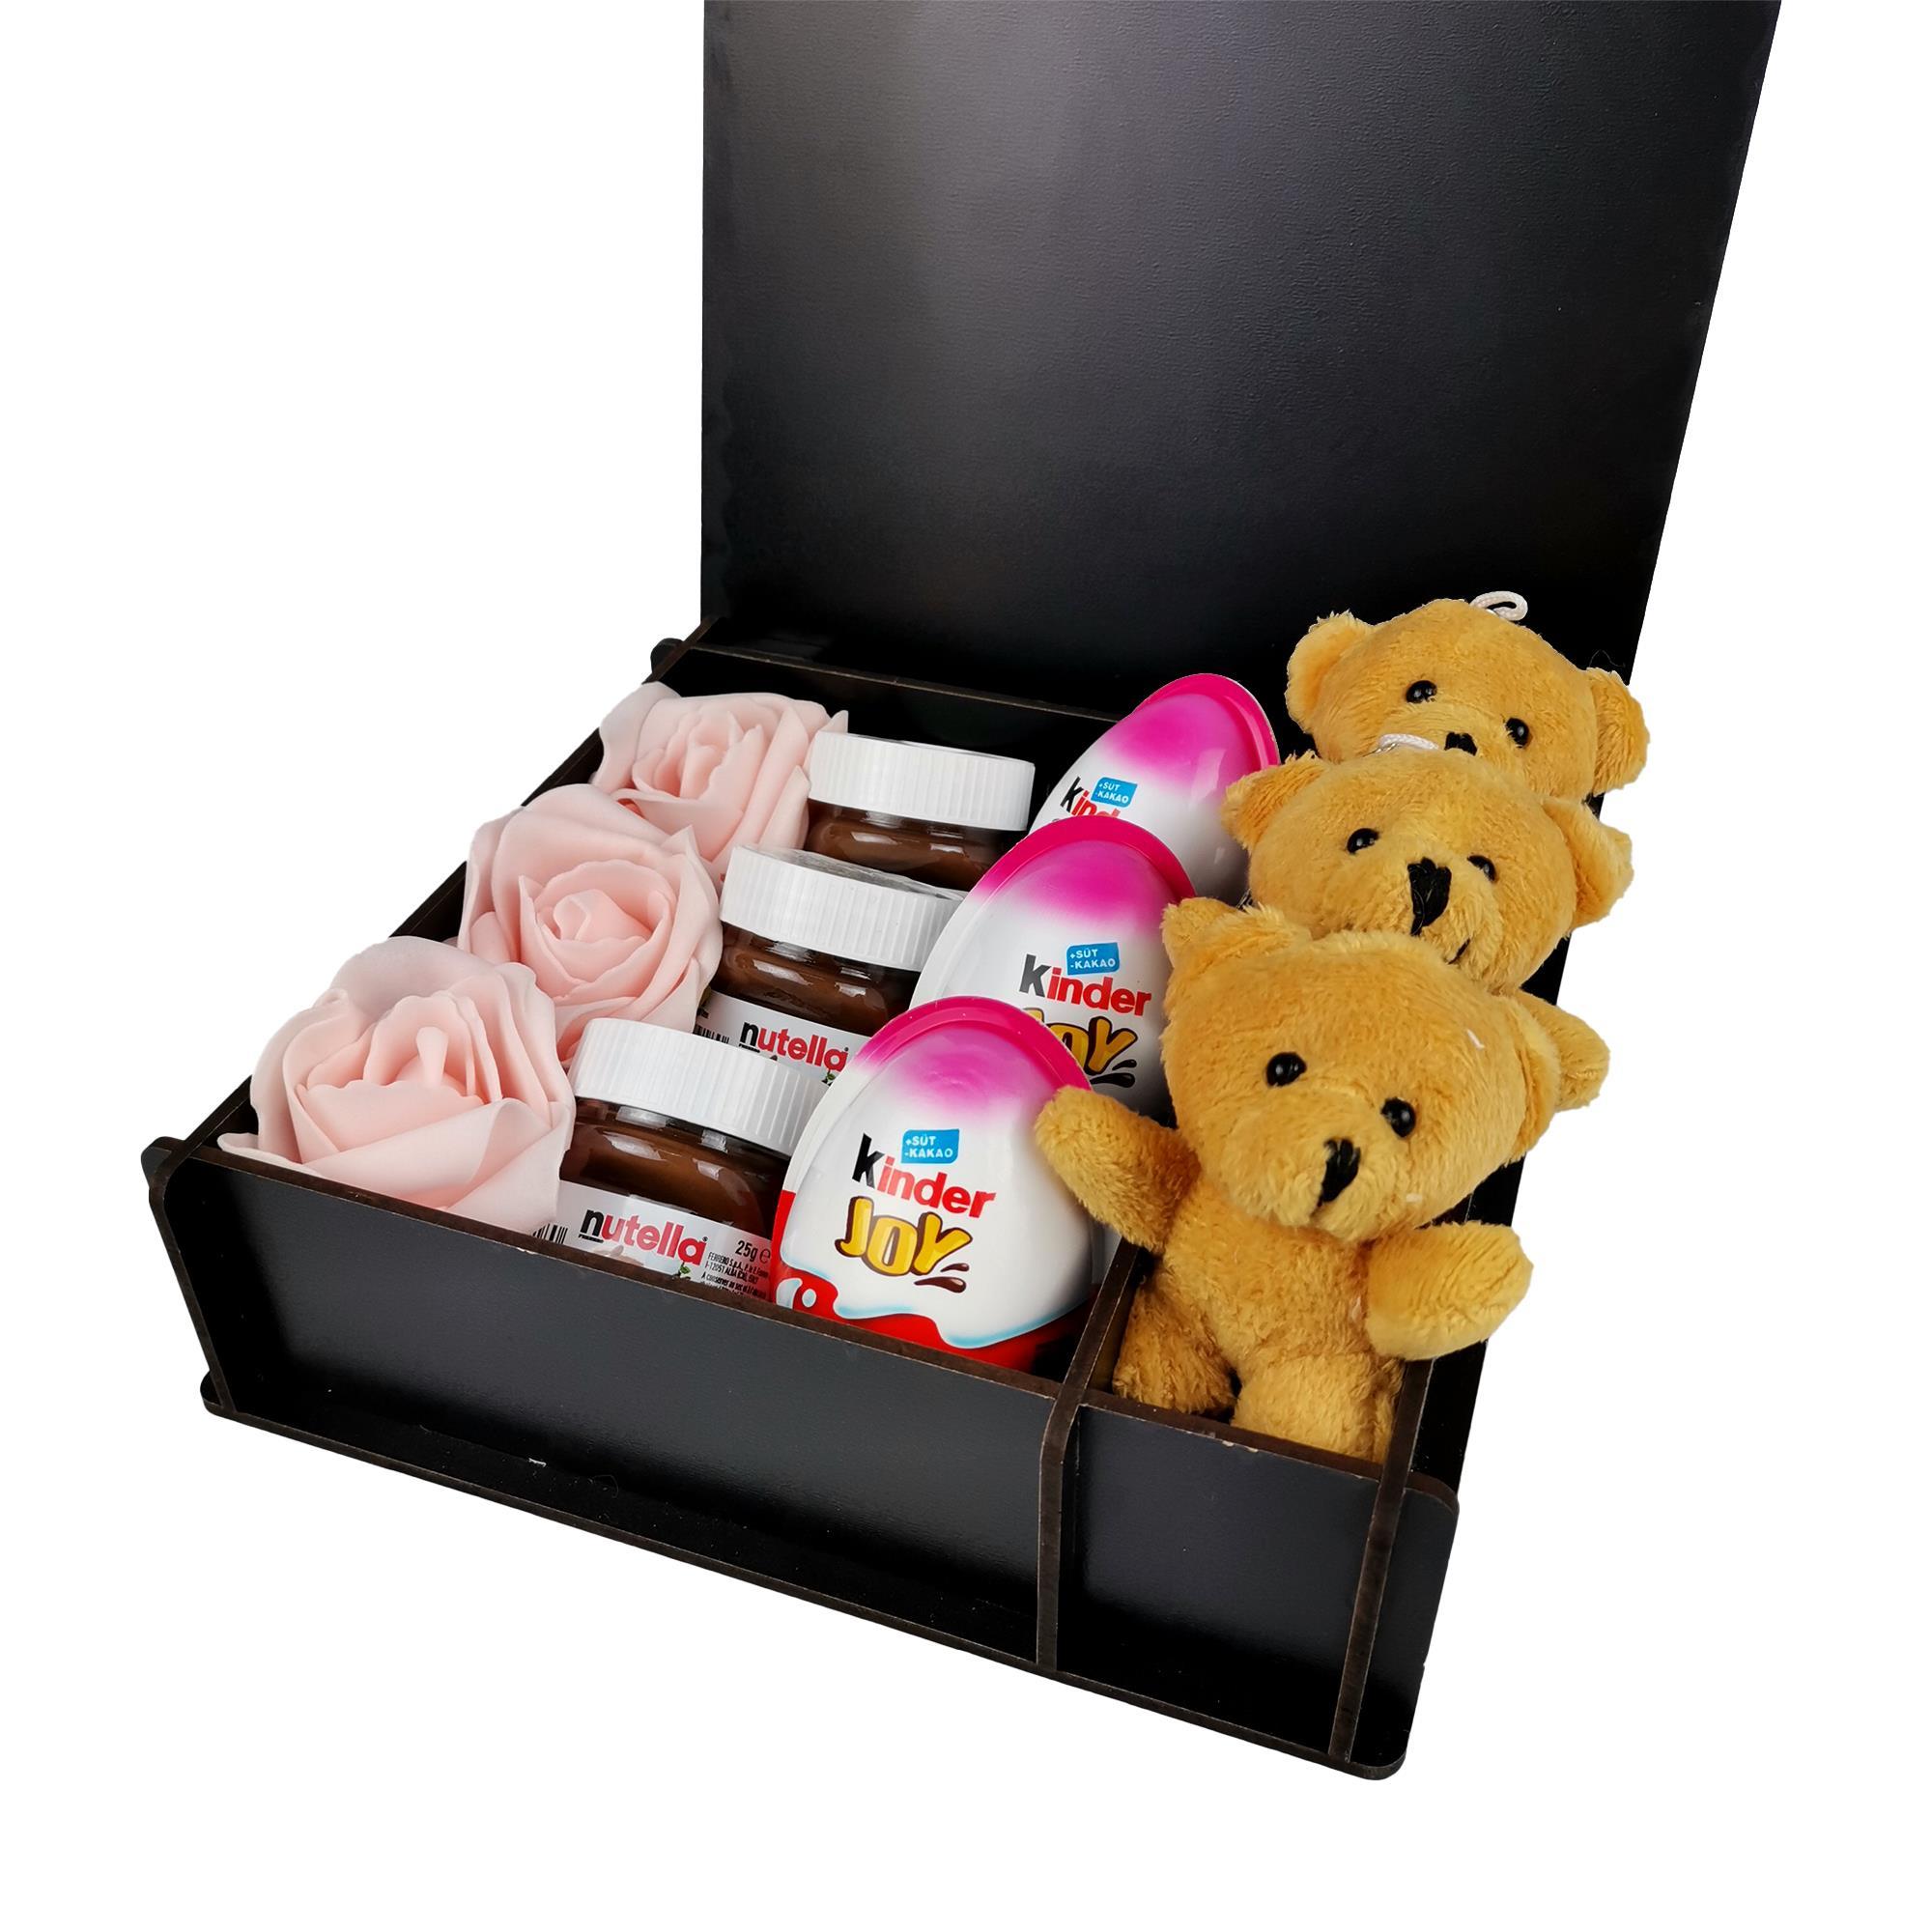 Sevgiliye Özel Ayıcıklı Kinder Nutella Hediye Kutusu